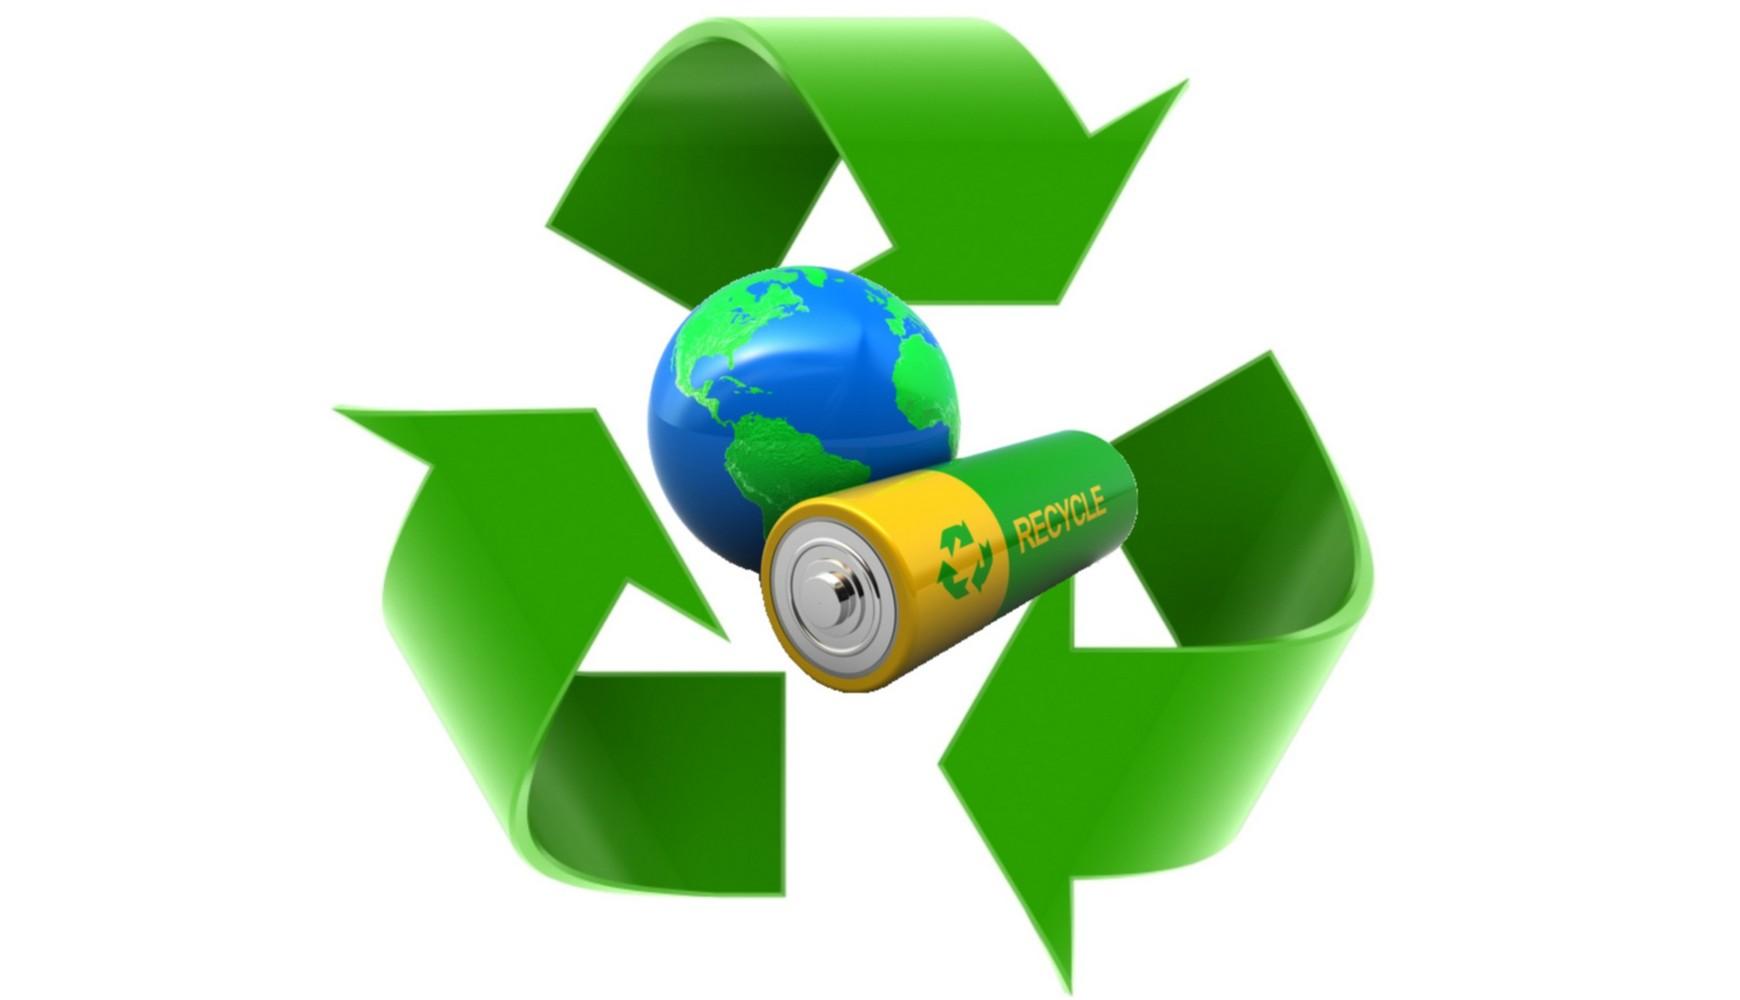 утилизация батареек эмблема